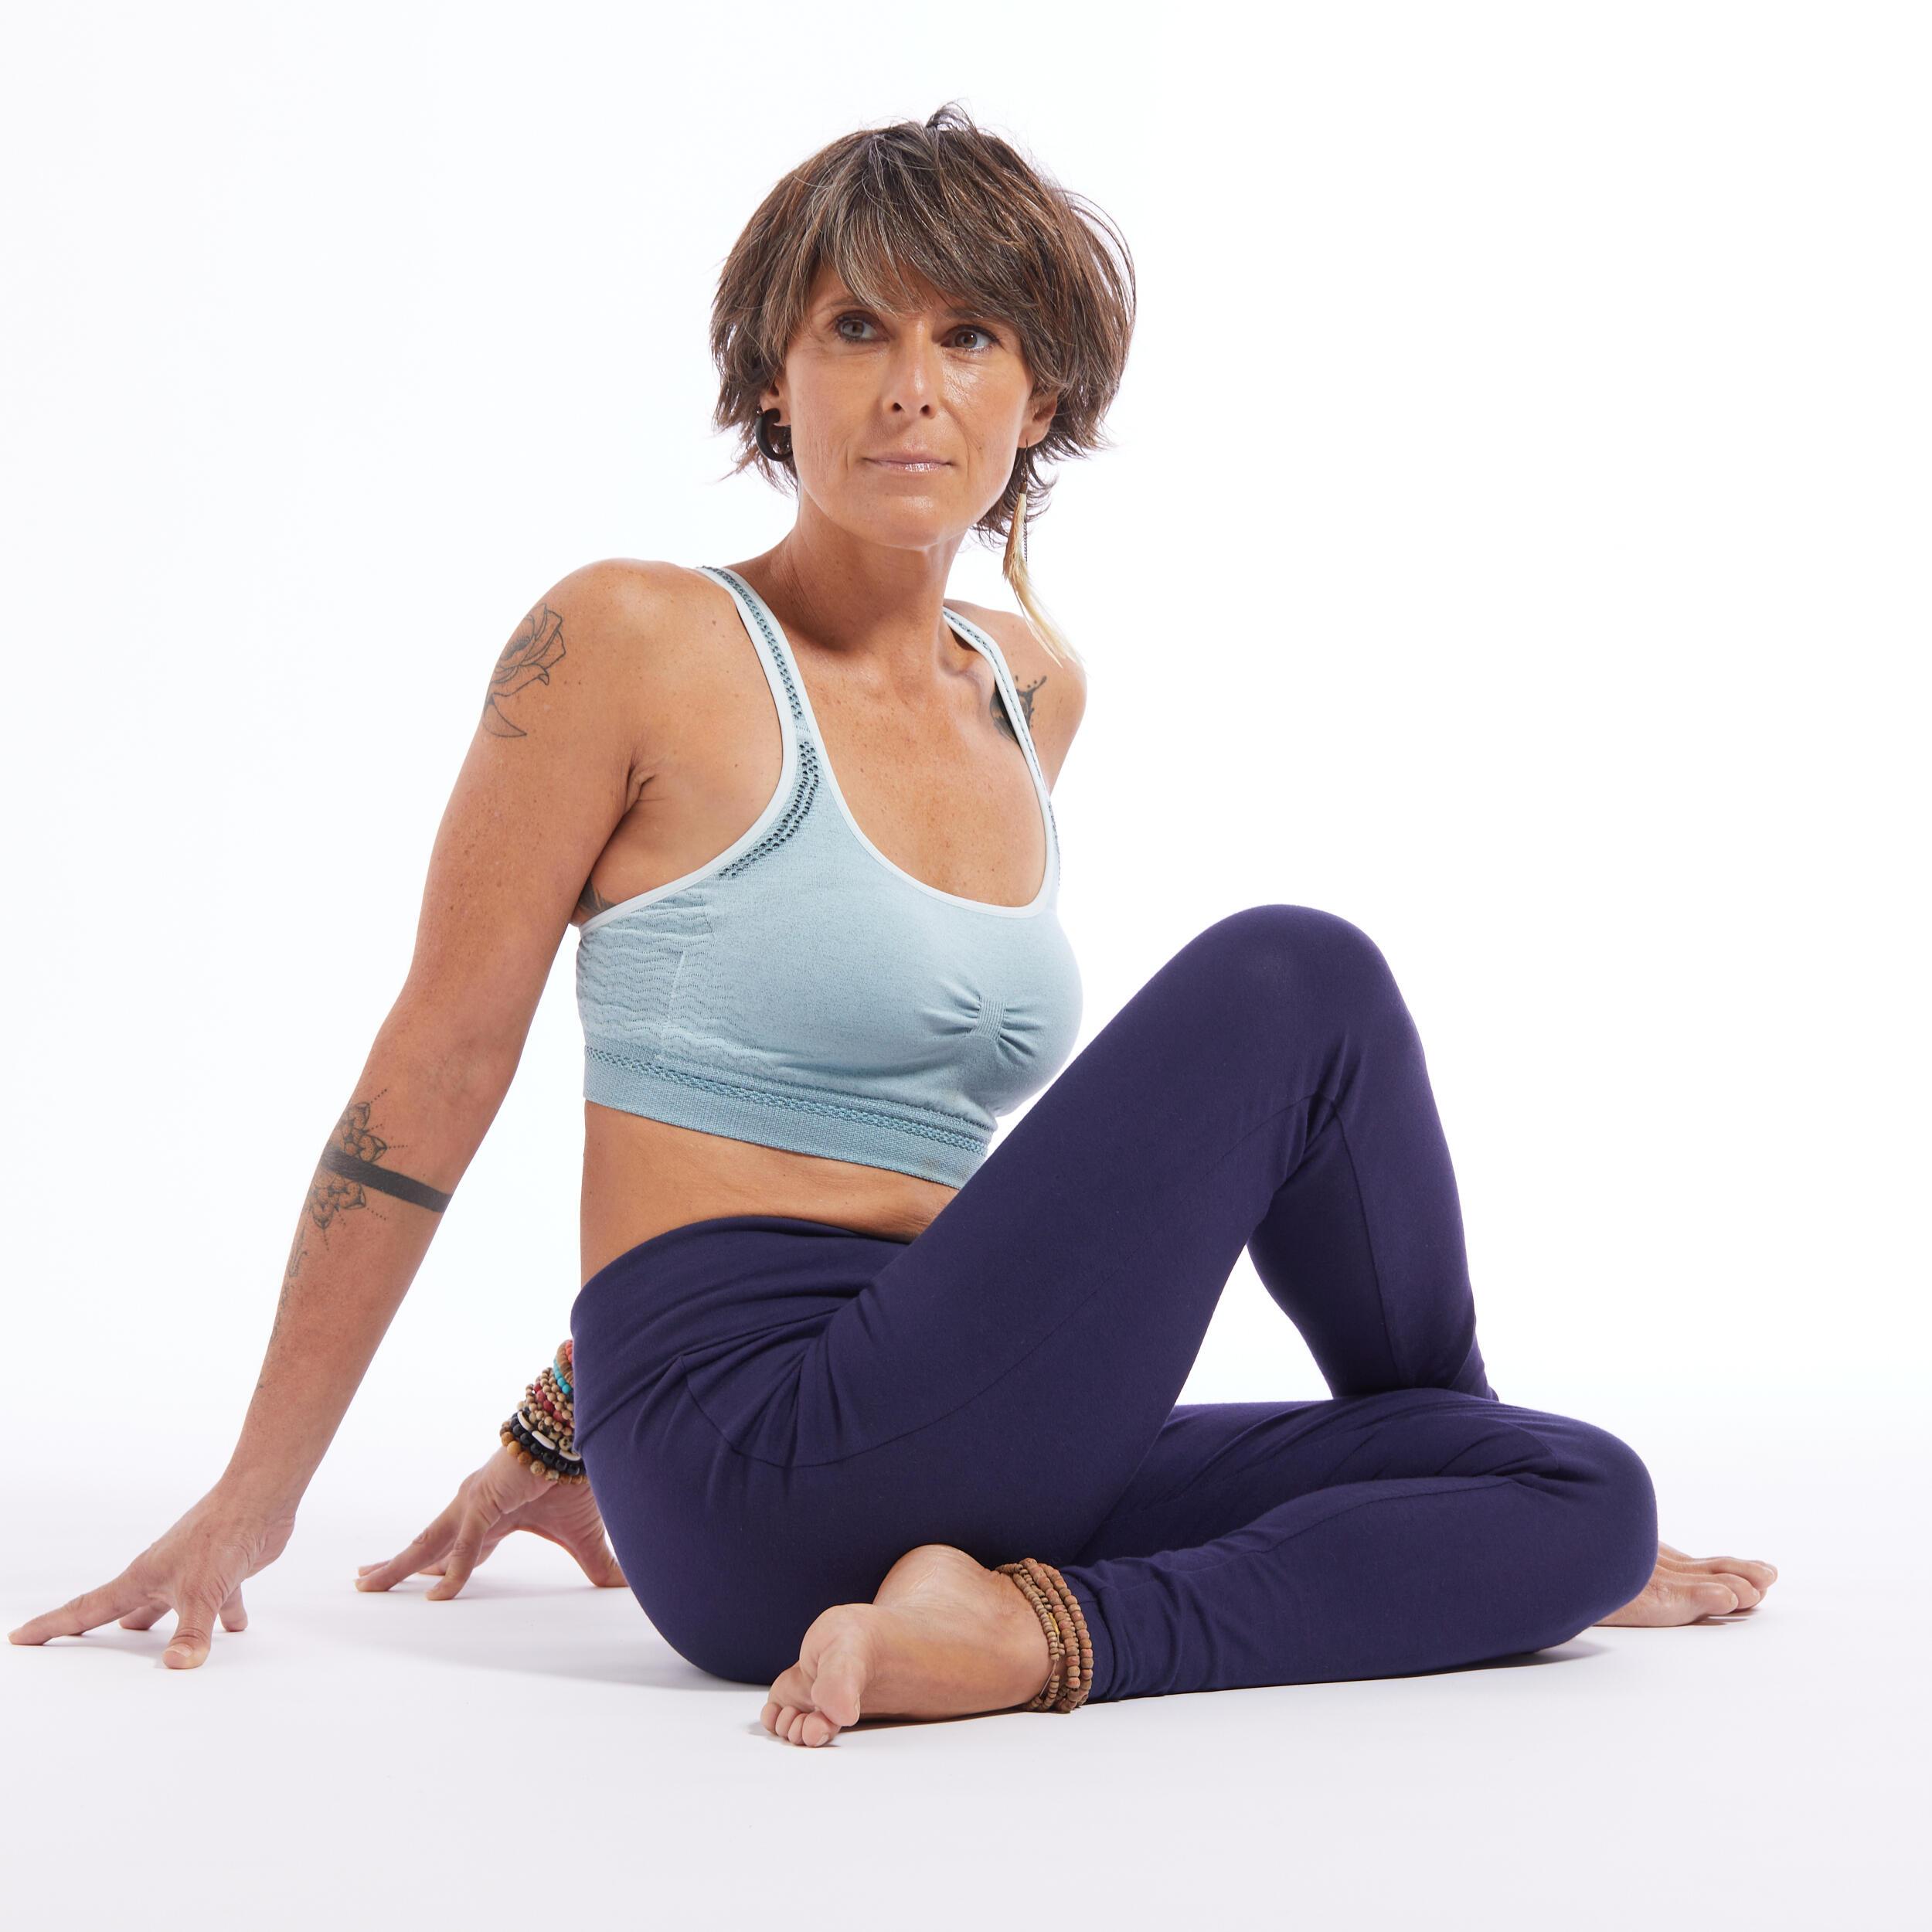 Colanţi Yoga Uşoară Damă la Reducere poza